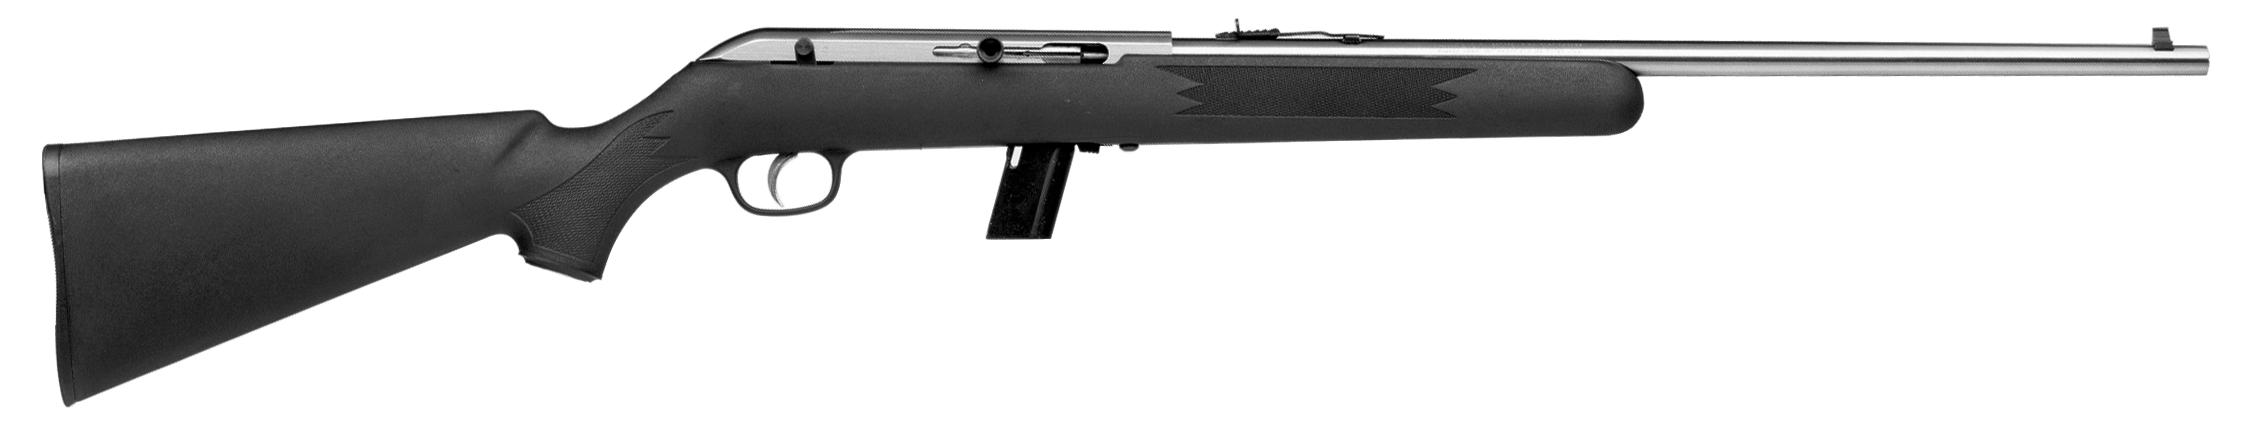 Model 64FSS